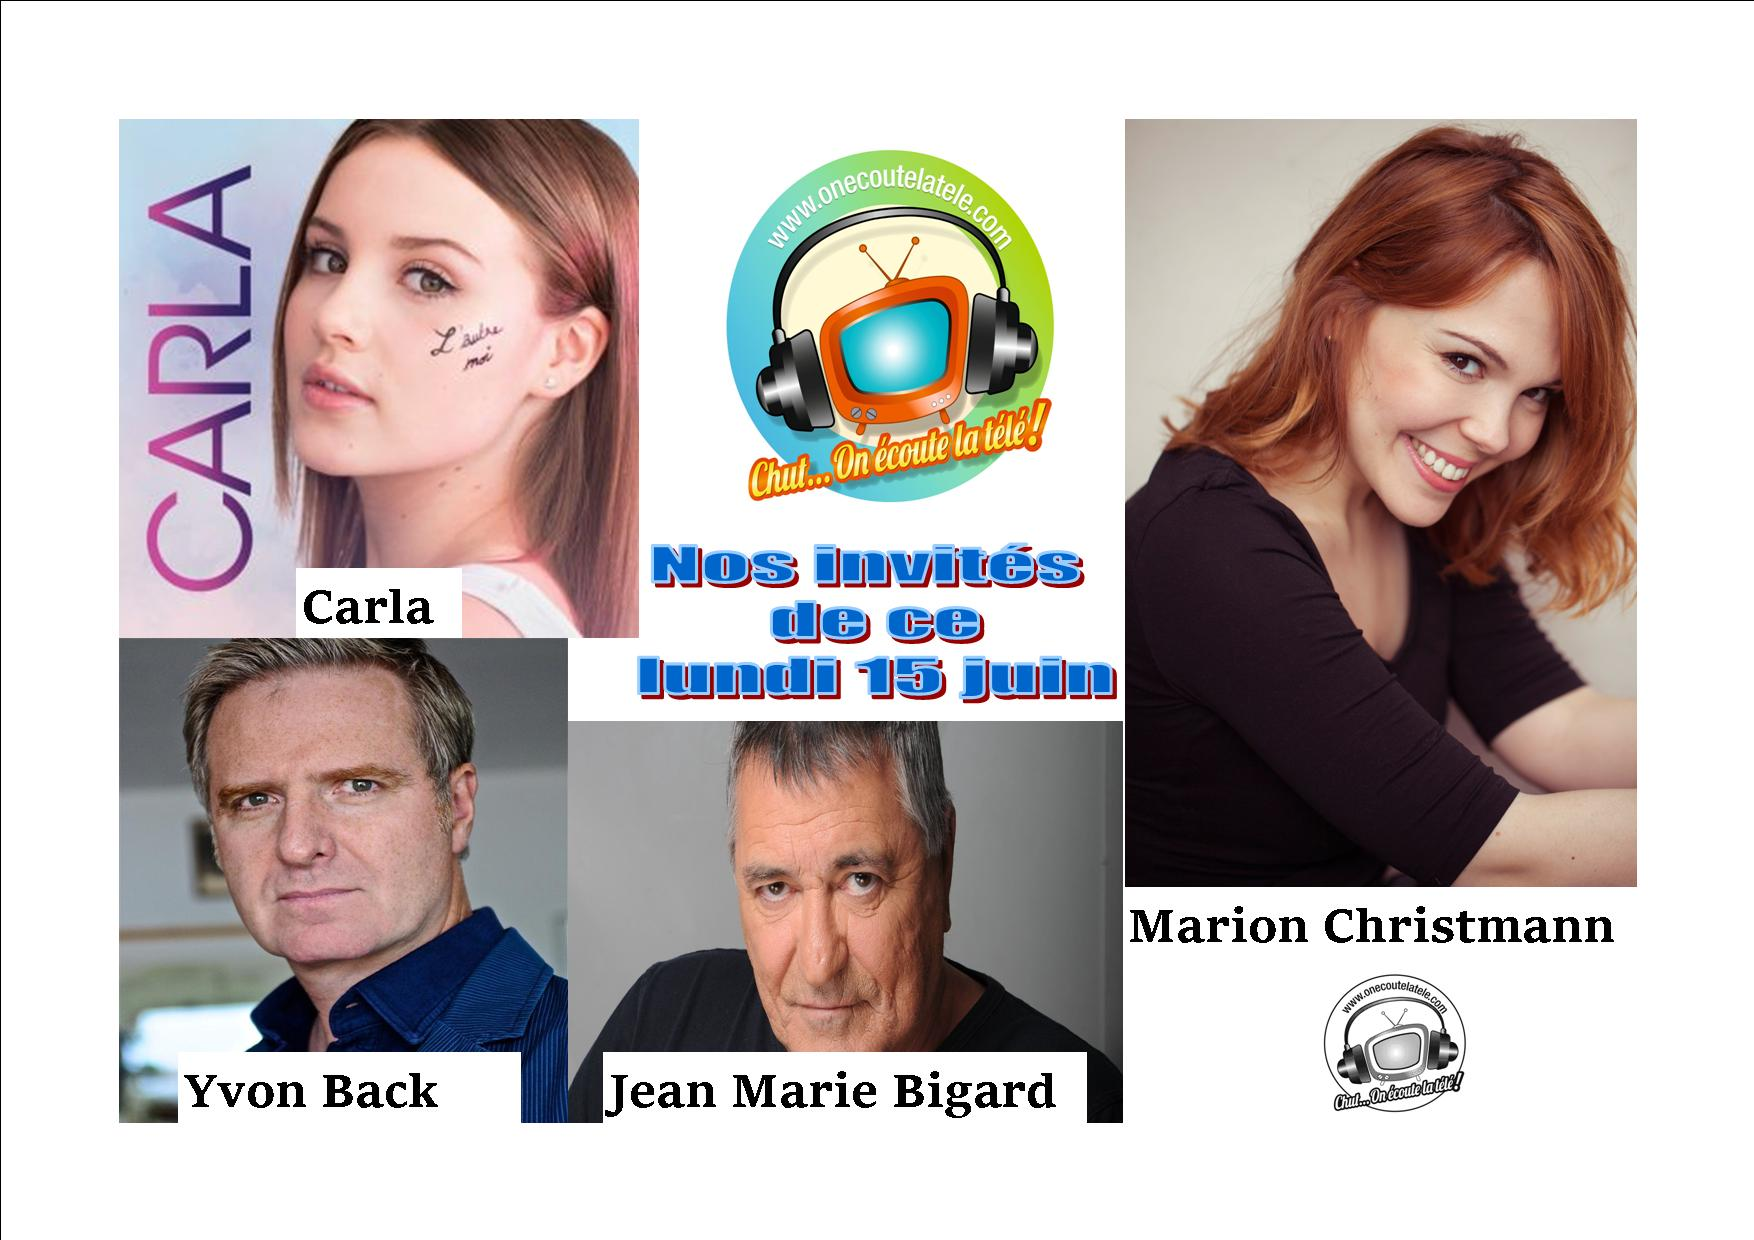 Voici nos émissions de ce lundi 15 juin en podcast avec Carla, Yvon Back, Marion Christmann, Sandra Perrin et jean Marie Bigard